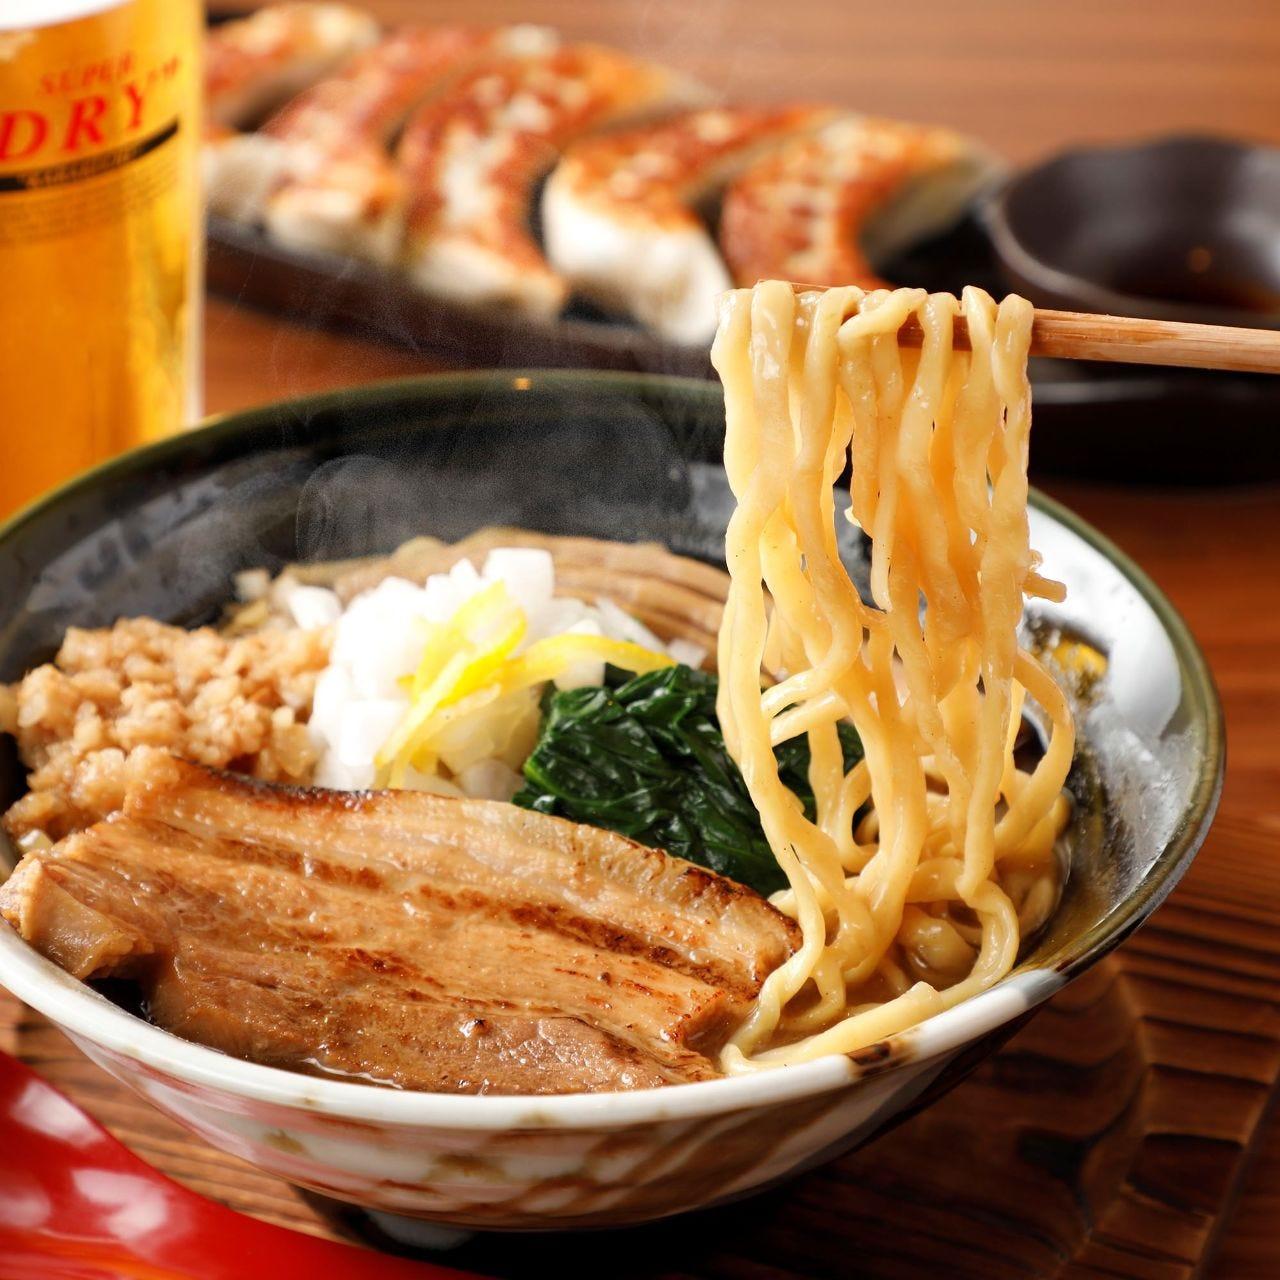 鰹節と煮干しの風味と柚子の 香りが絶品の背脂魚介ラーメン